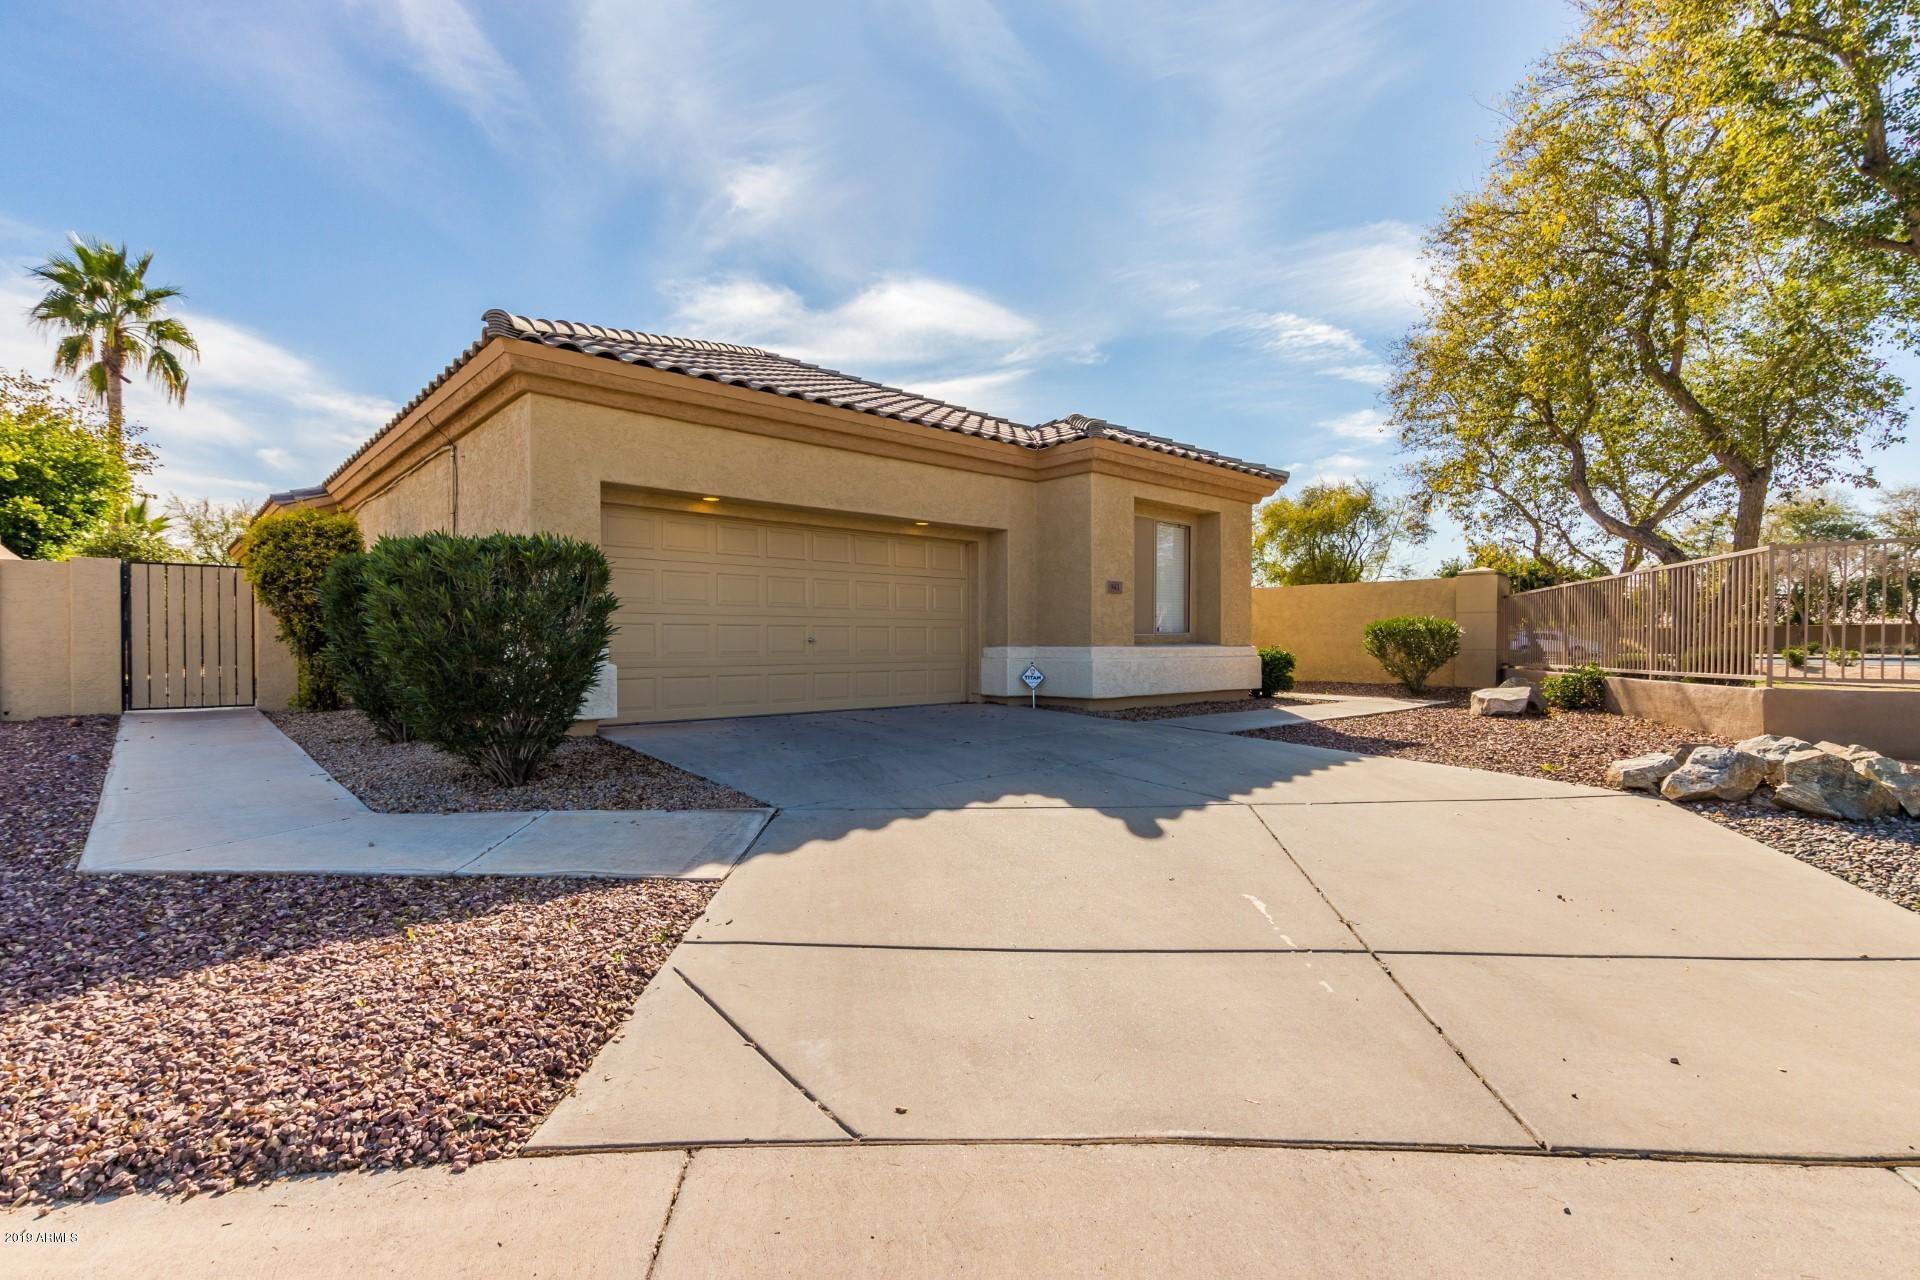 Photo of 943 W Raven Drive, Chandler, AZ 85286